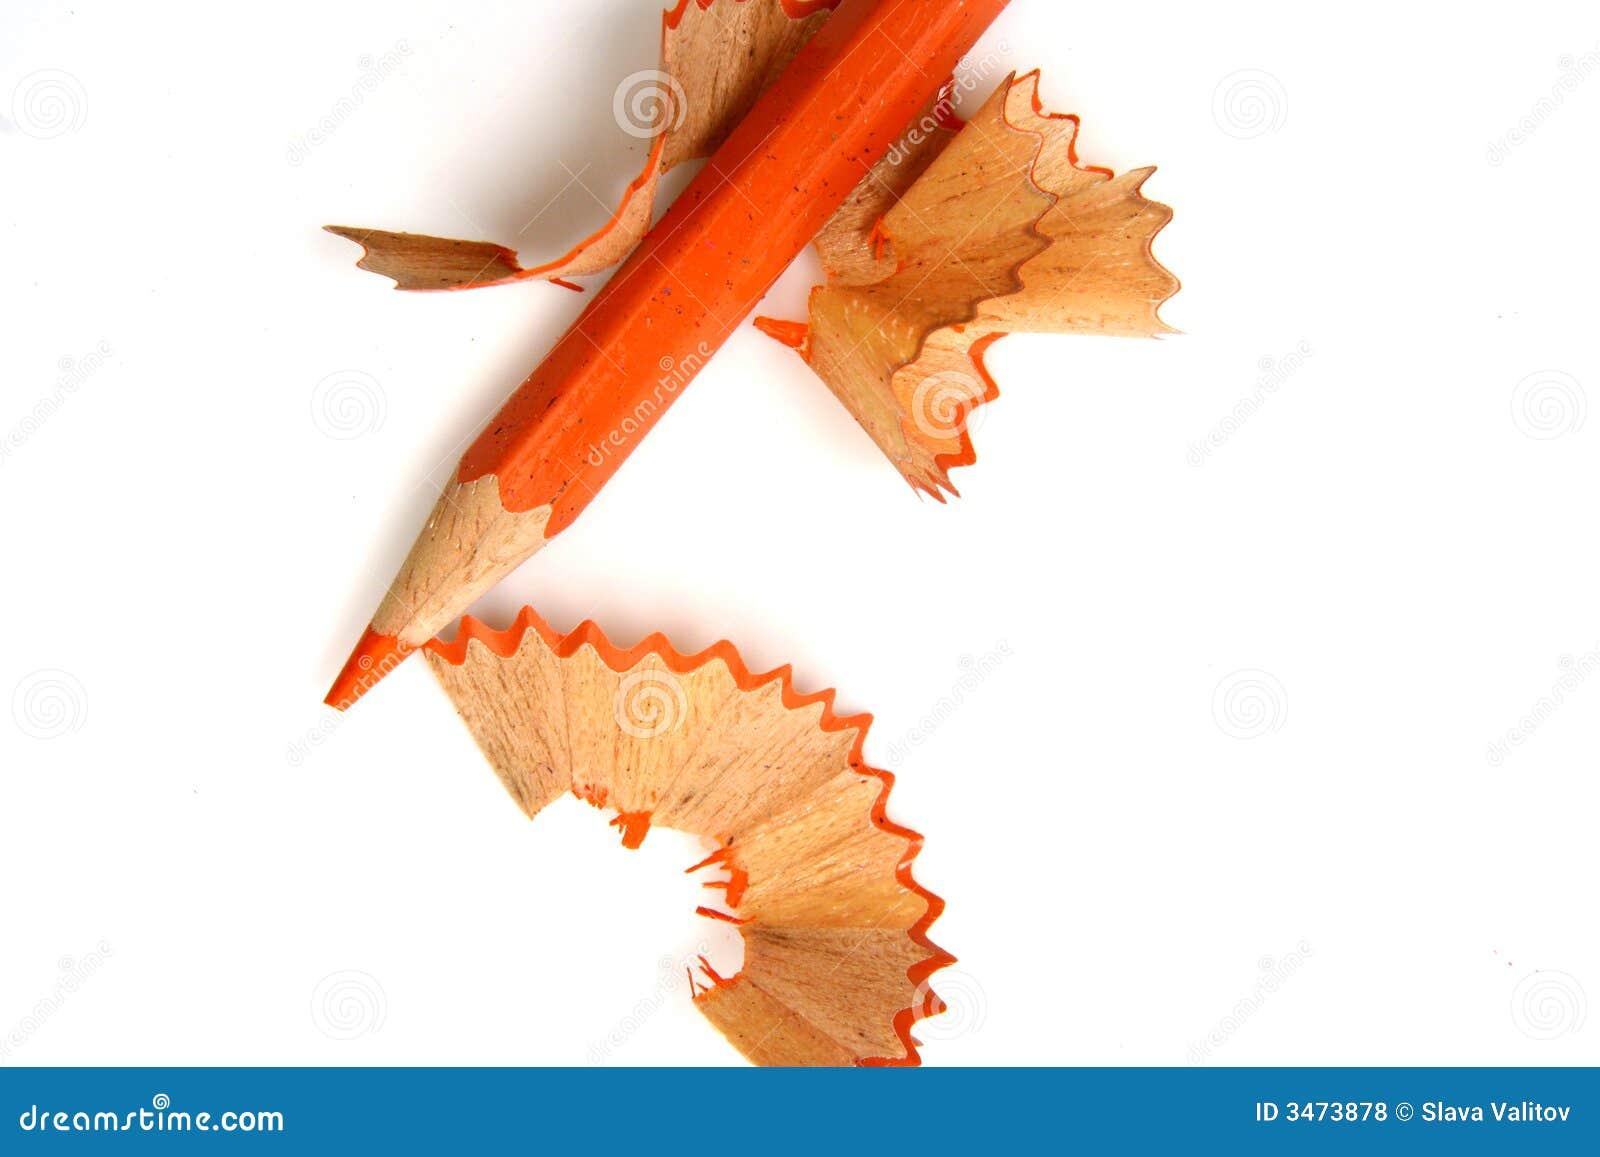 铅笔削粘贴画教案